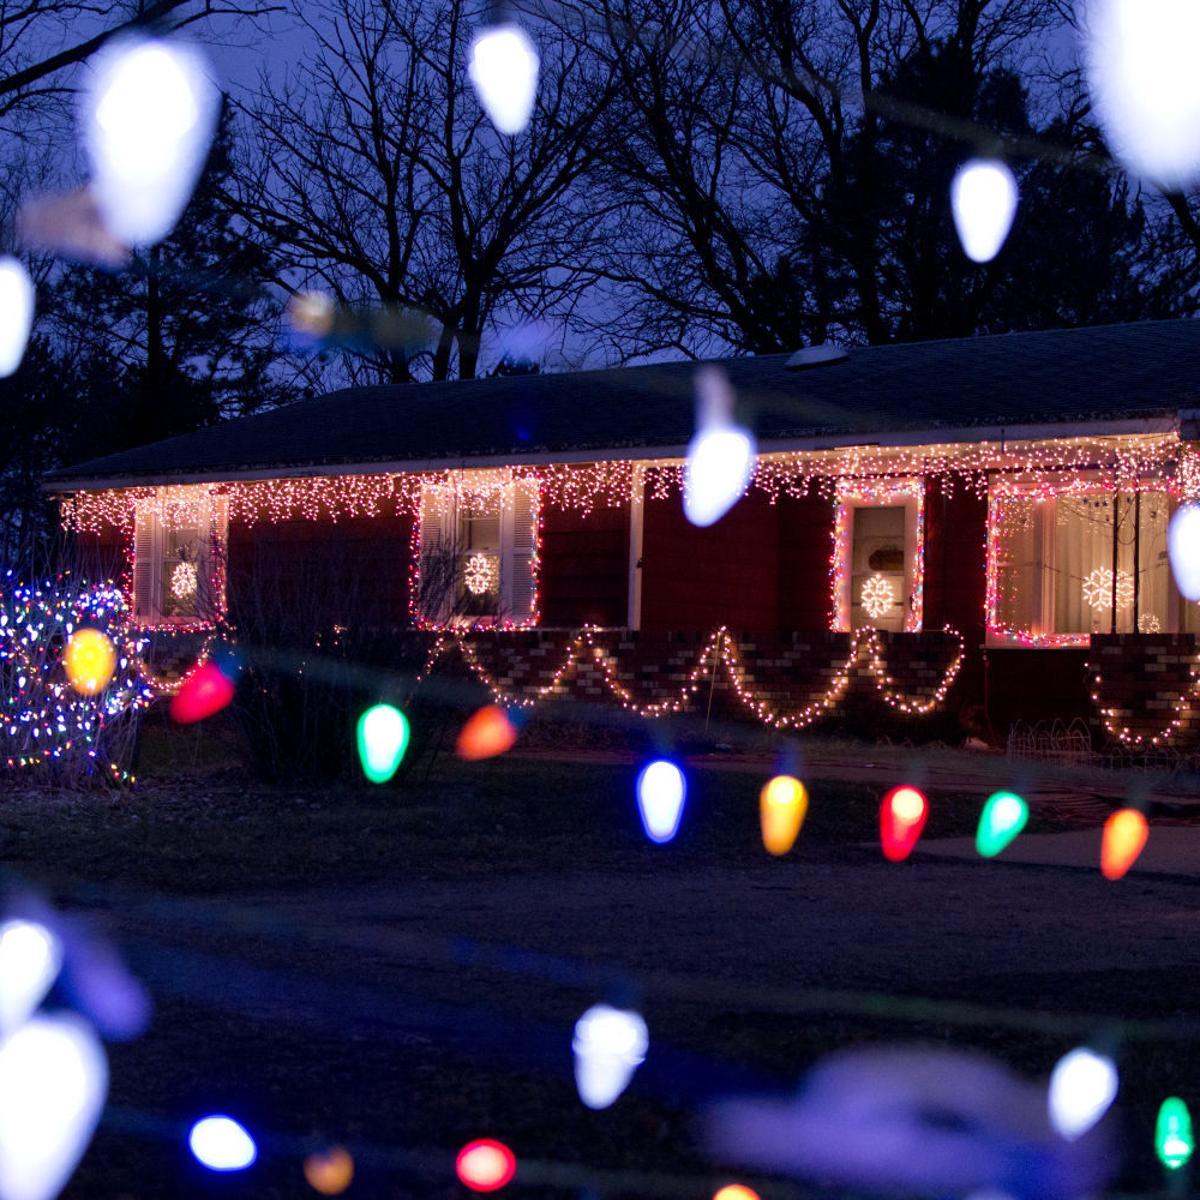 Christmas Light Show Near Me.New Christmas Light Show Brightens South Sioux City Local